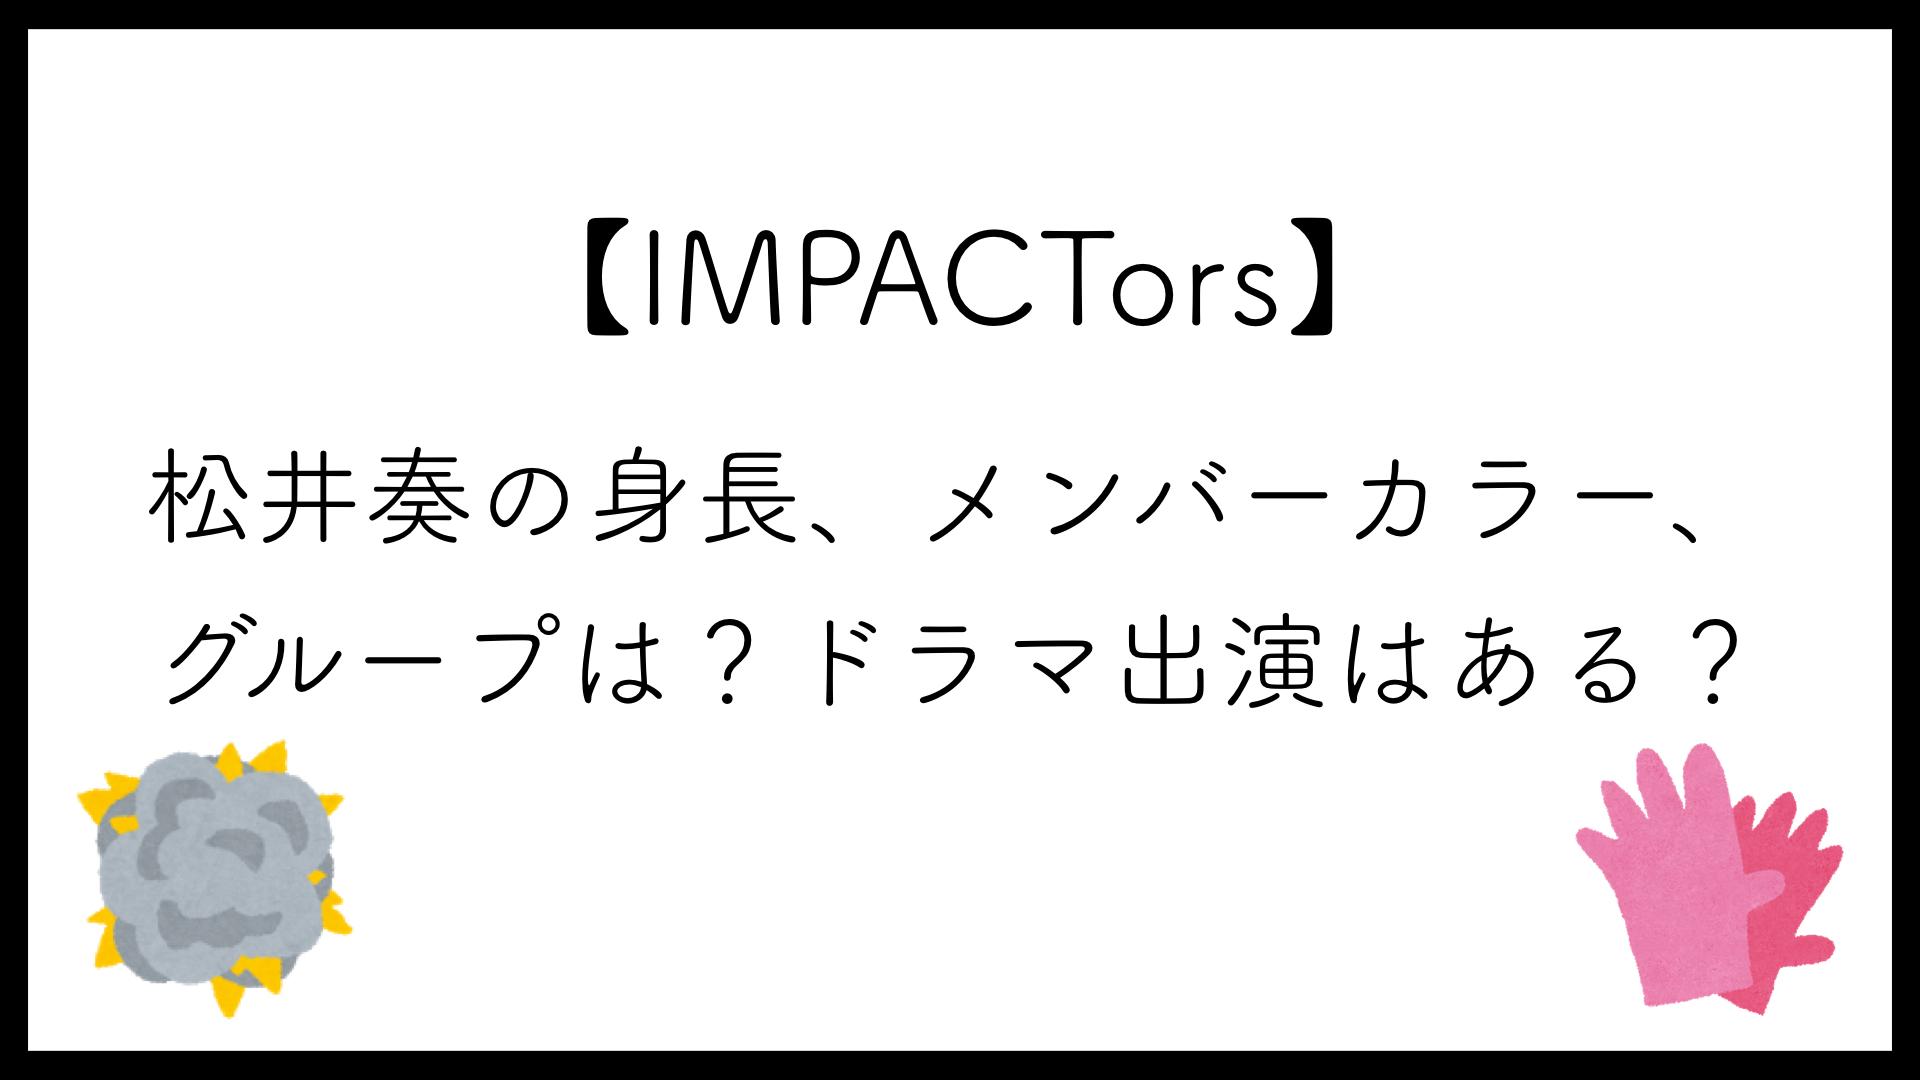 【IMPACTors】松井奏の身長、メンバーカラー、グループは?ドラマ出演は?